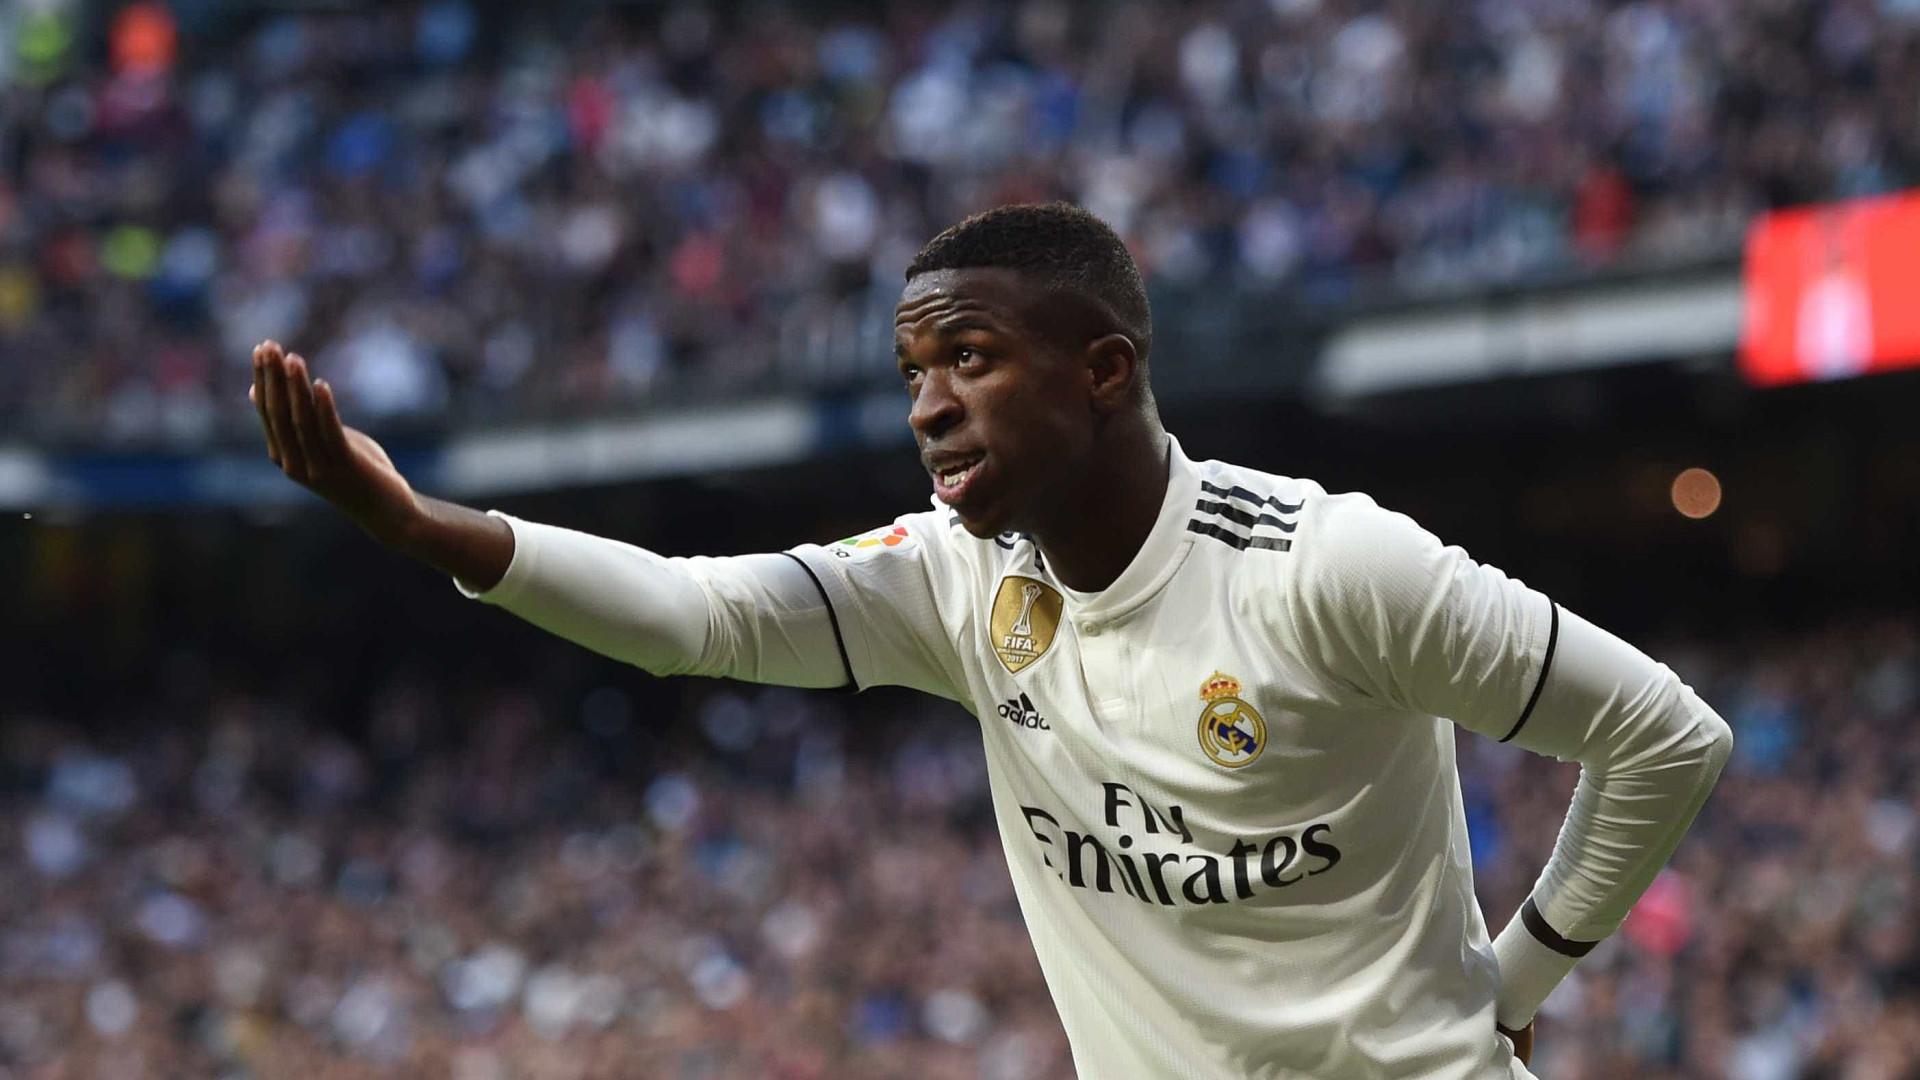 Jornal espanhol sugere Vinícius Júnior como titular no lugar de Bale 8a0e841a20aba